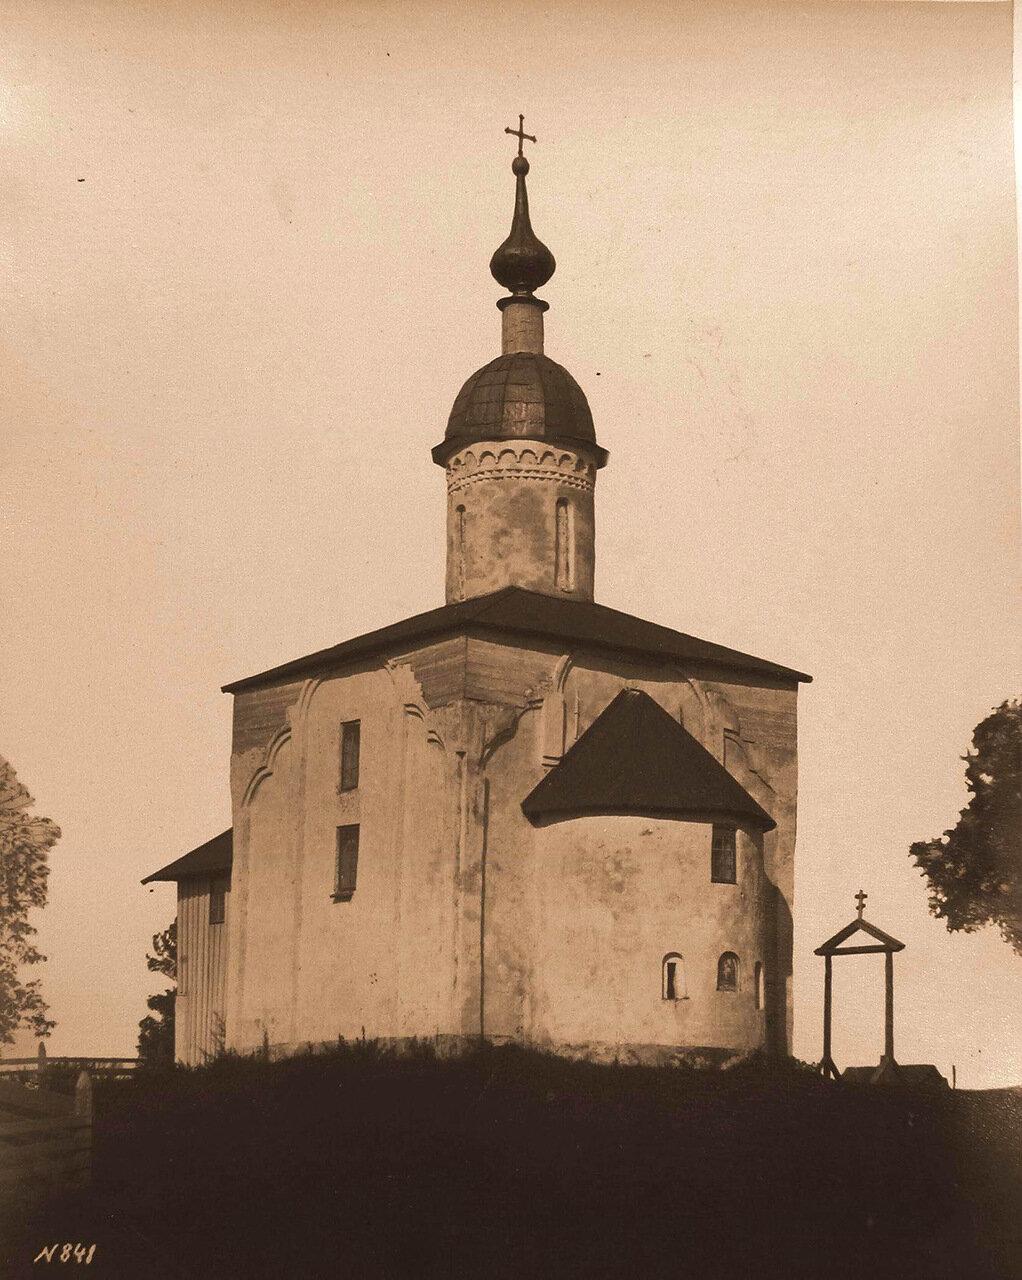 Вид юго-восточного фасада церкви Двенадцати Апостолов на Пропастех (построена в 1454 г.)